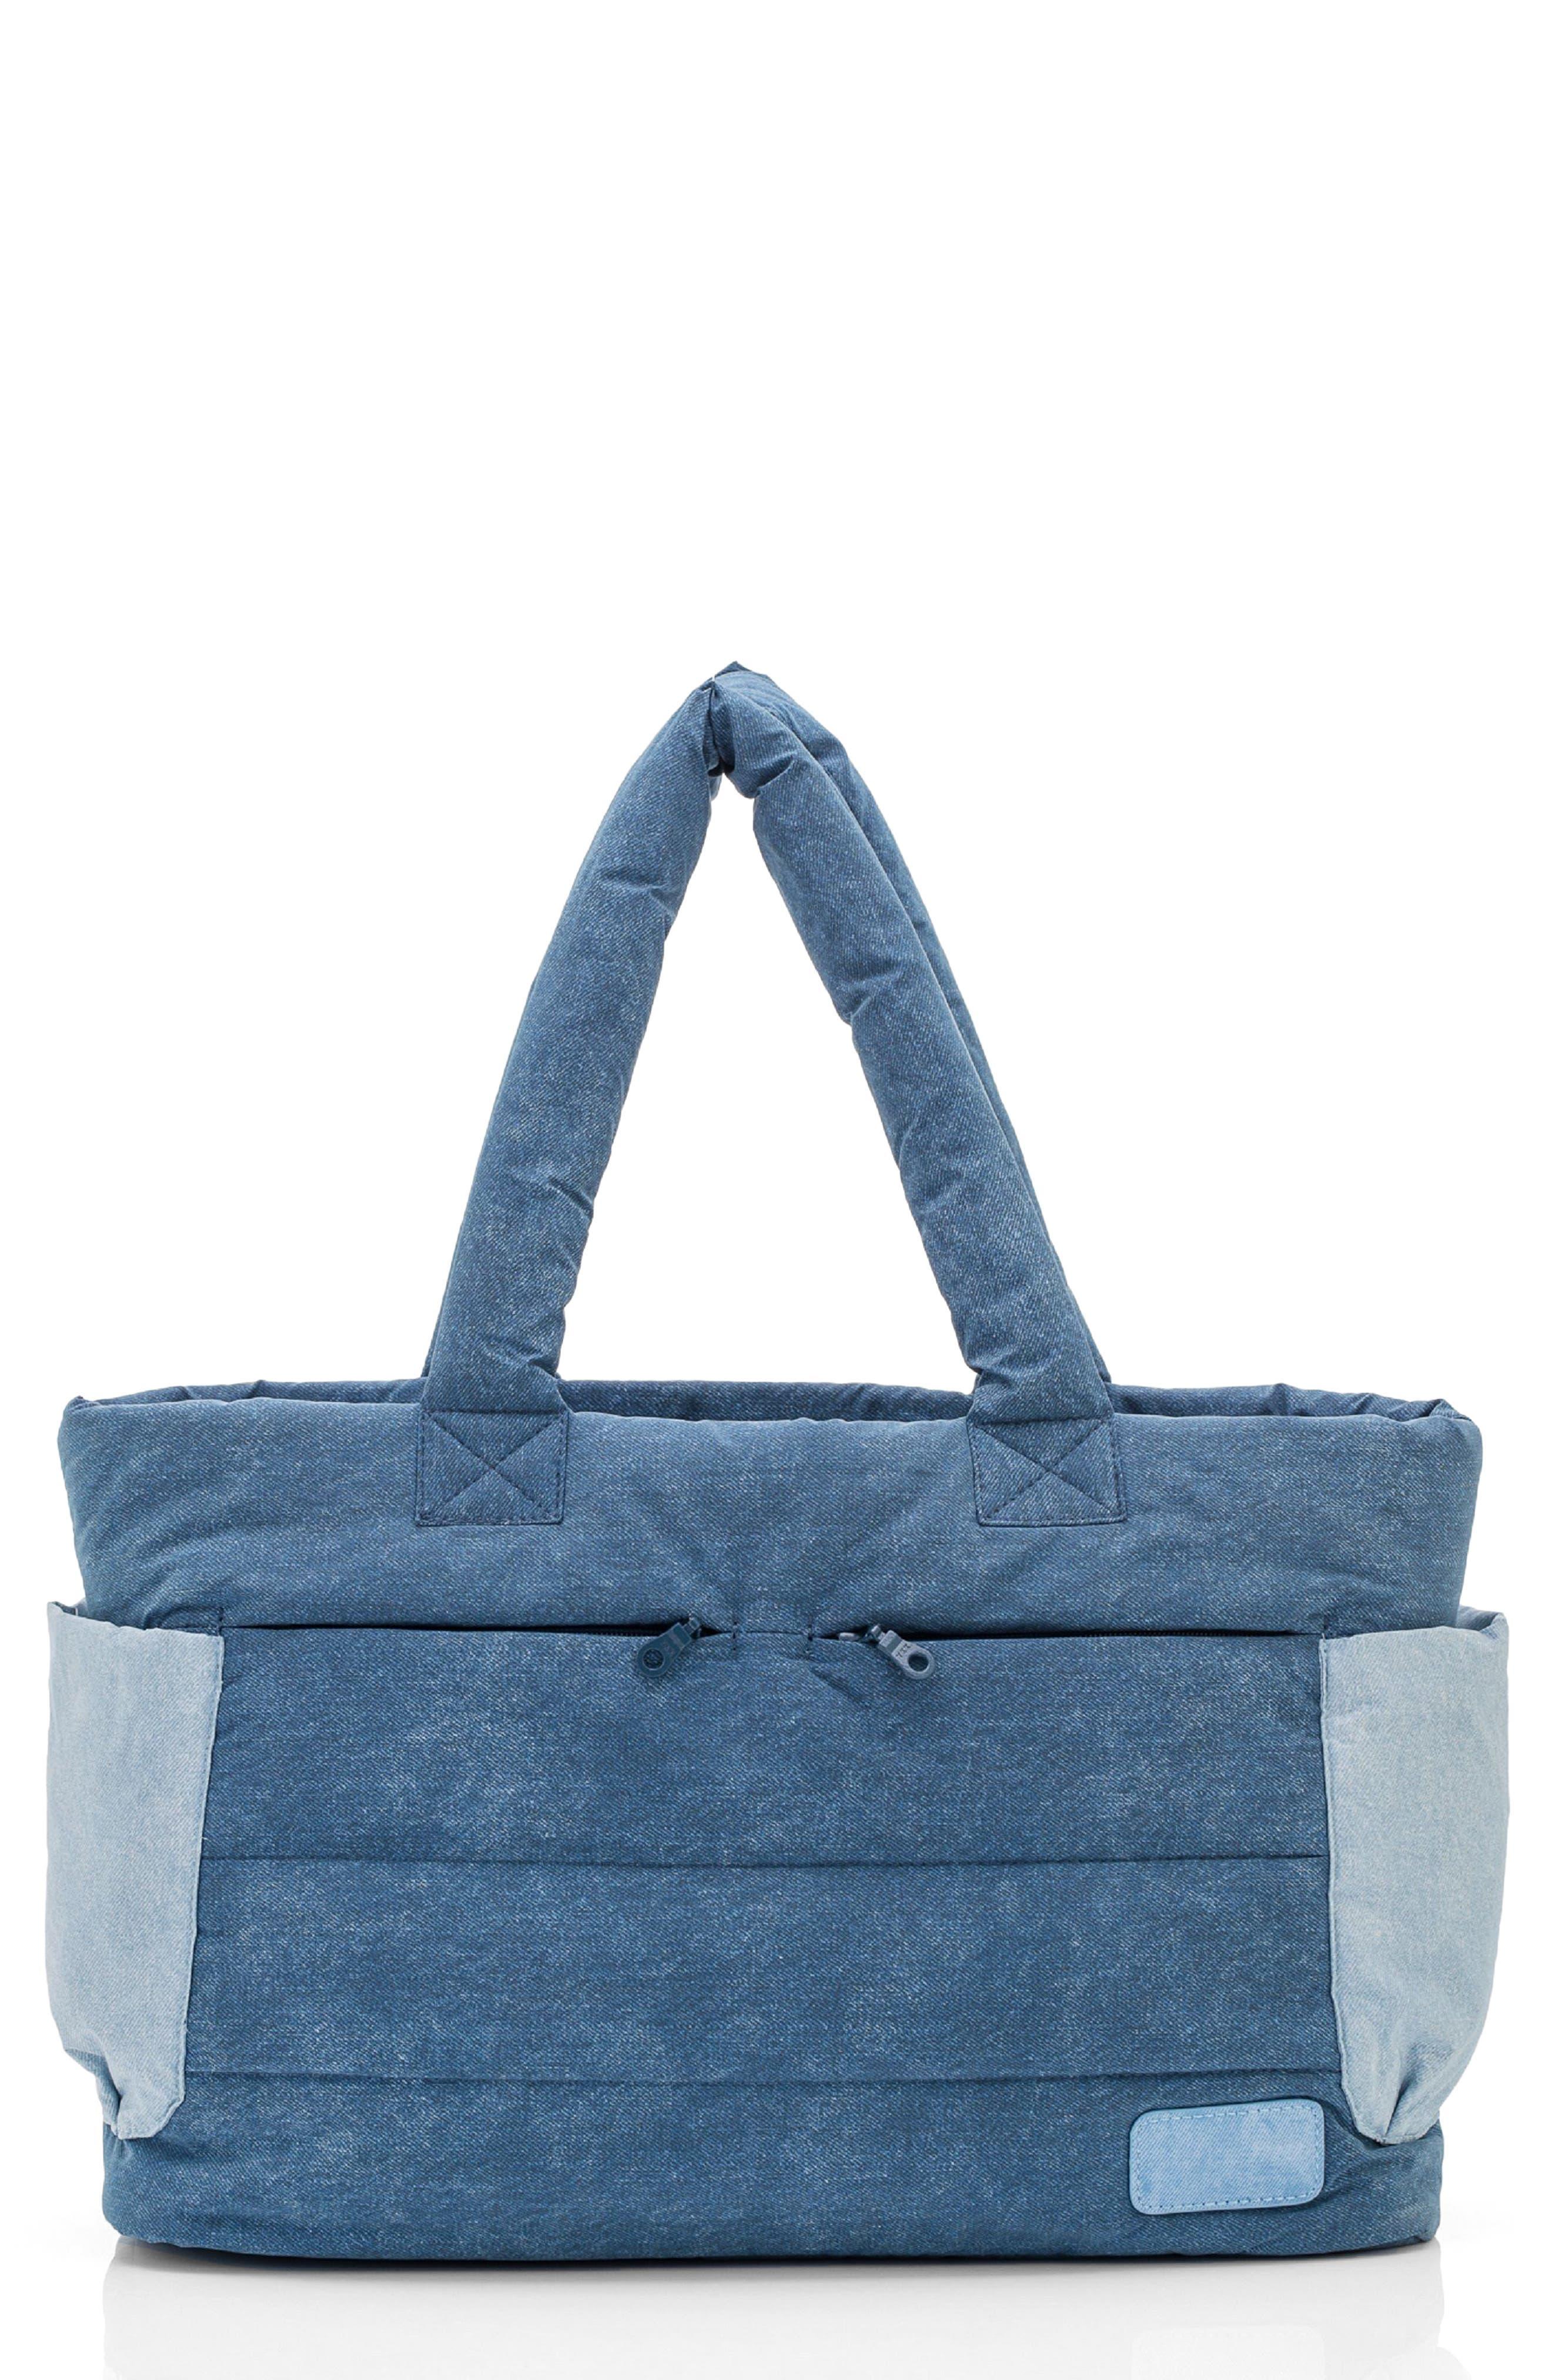 Main Image - HARU Print Classic Water Repellent Diaper Bag